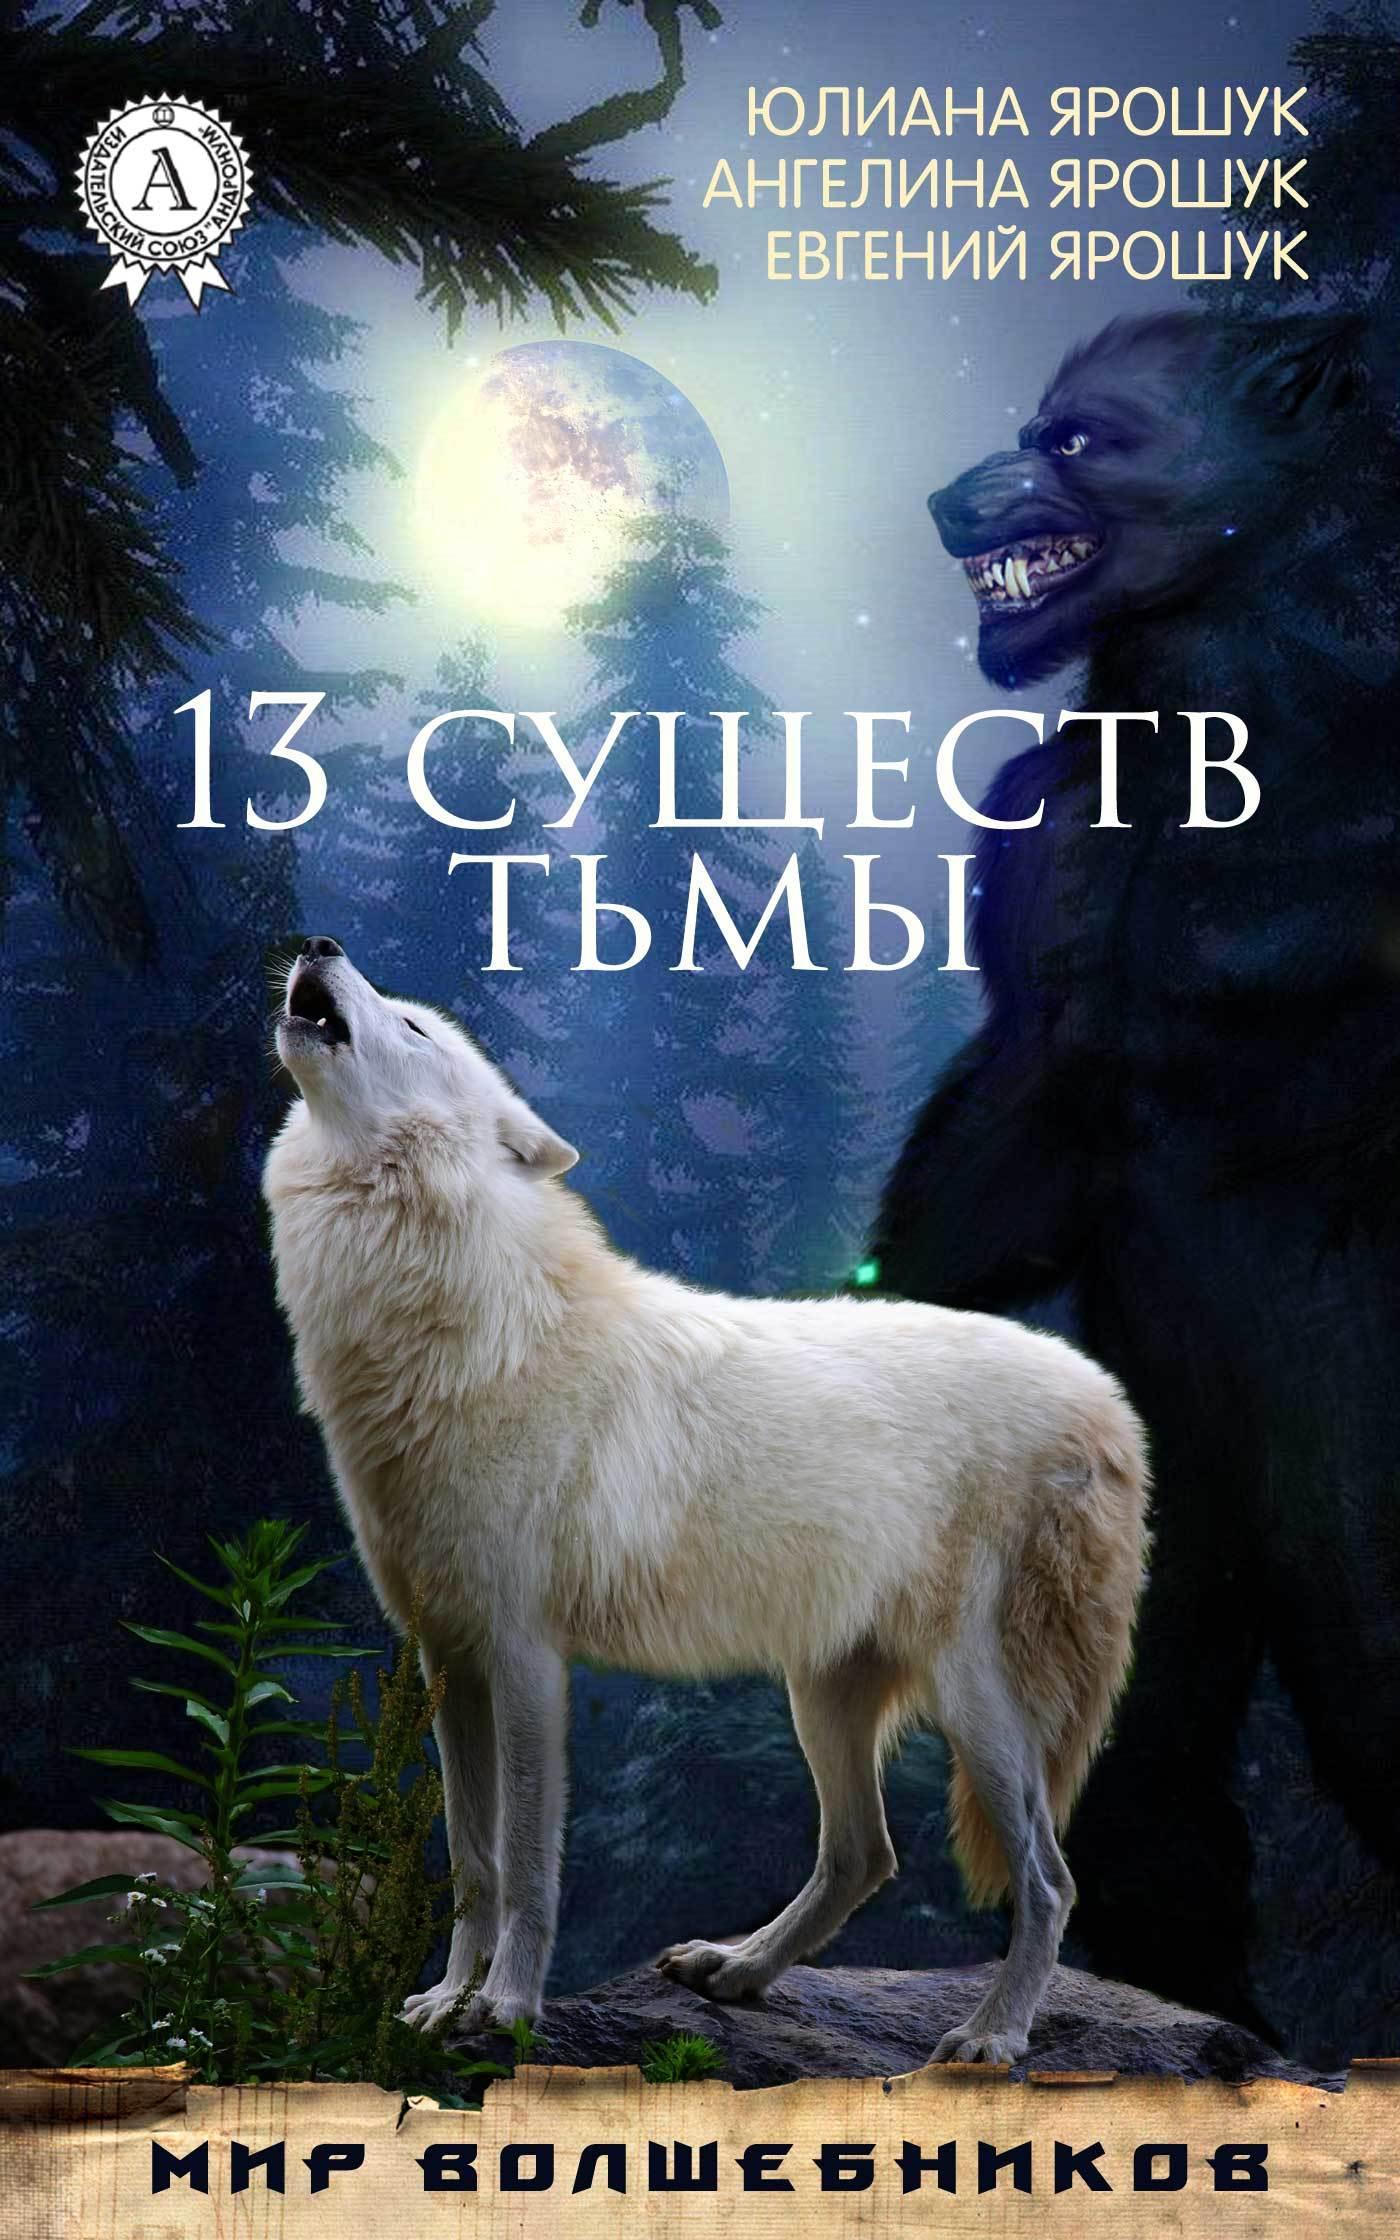 13 существ тьмы